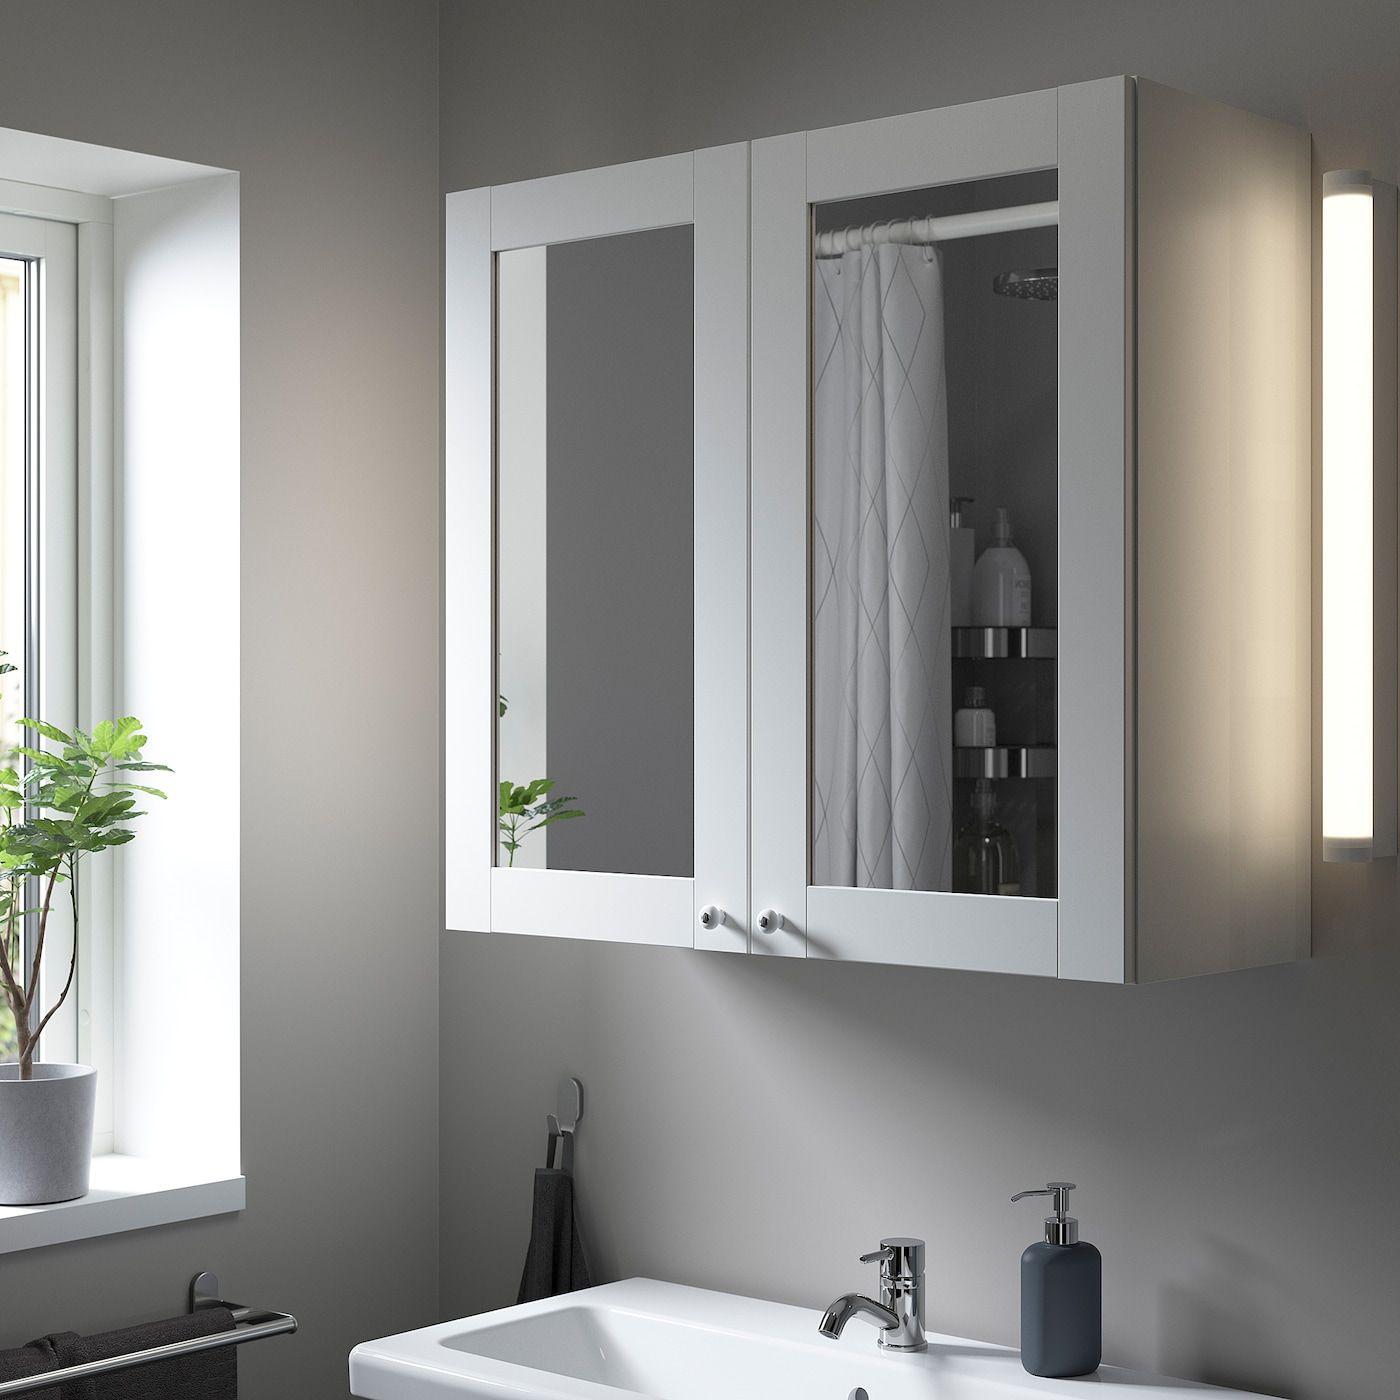 Enhet Mobile A Specchio Con 2 Ante Bianco Bianco Cornice Ikea It In 2021 Mirror Cabinets Bathroom Mirror Ikea France